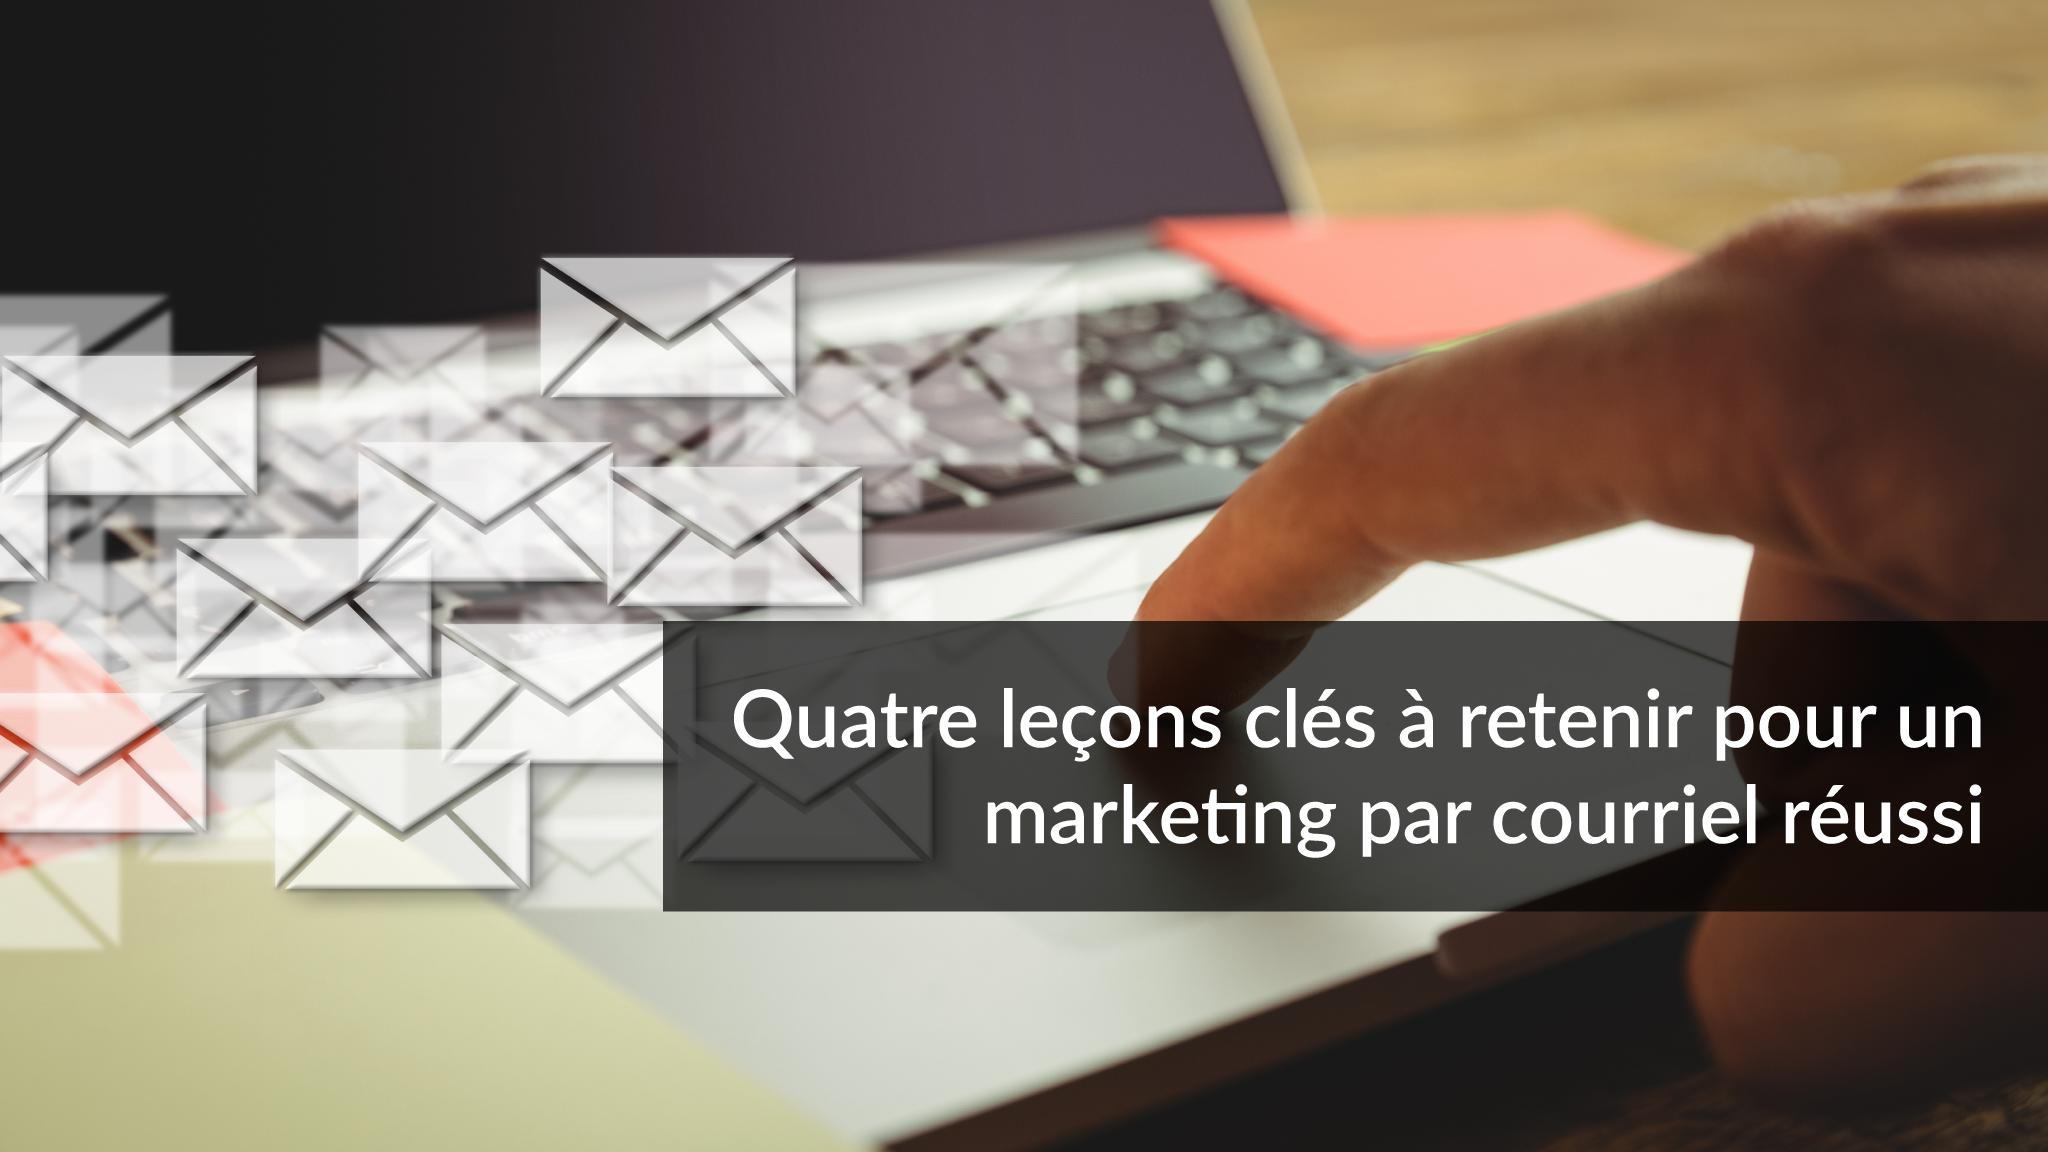 Quatre leçons clés à retenir pour un marketing par courriel réussi | Studio Grafik